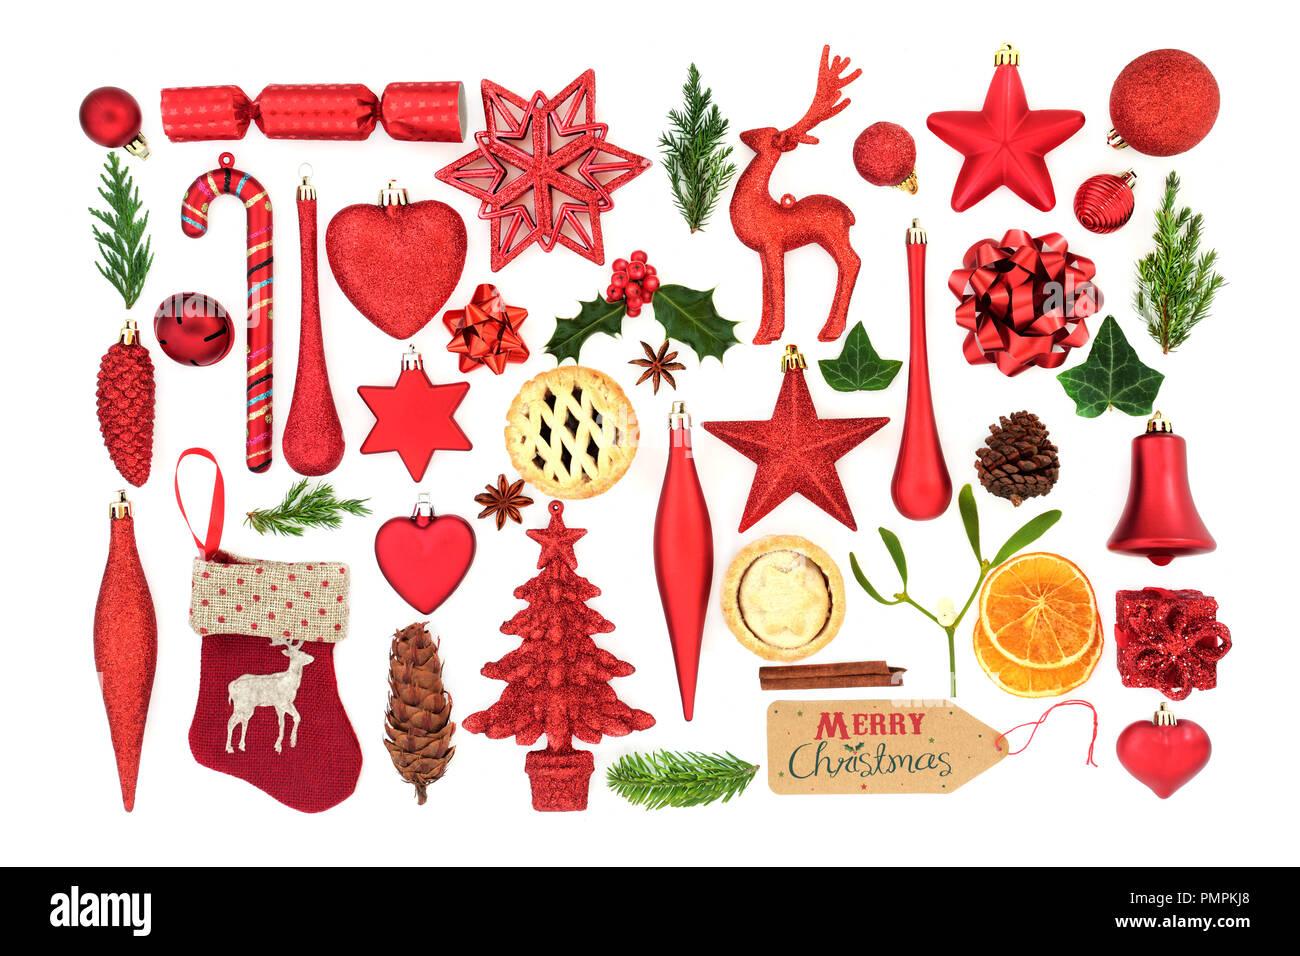 I simboli del Natale con l'albero ninnolo decorazioni, inverno flora e articoli alimentari su sfondo bianco. Festa di Natale carta per la stagione delle vacanze. Immagini Stock